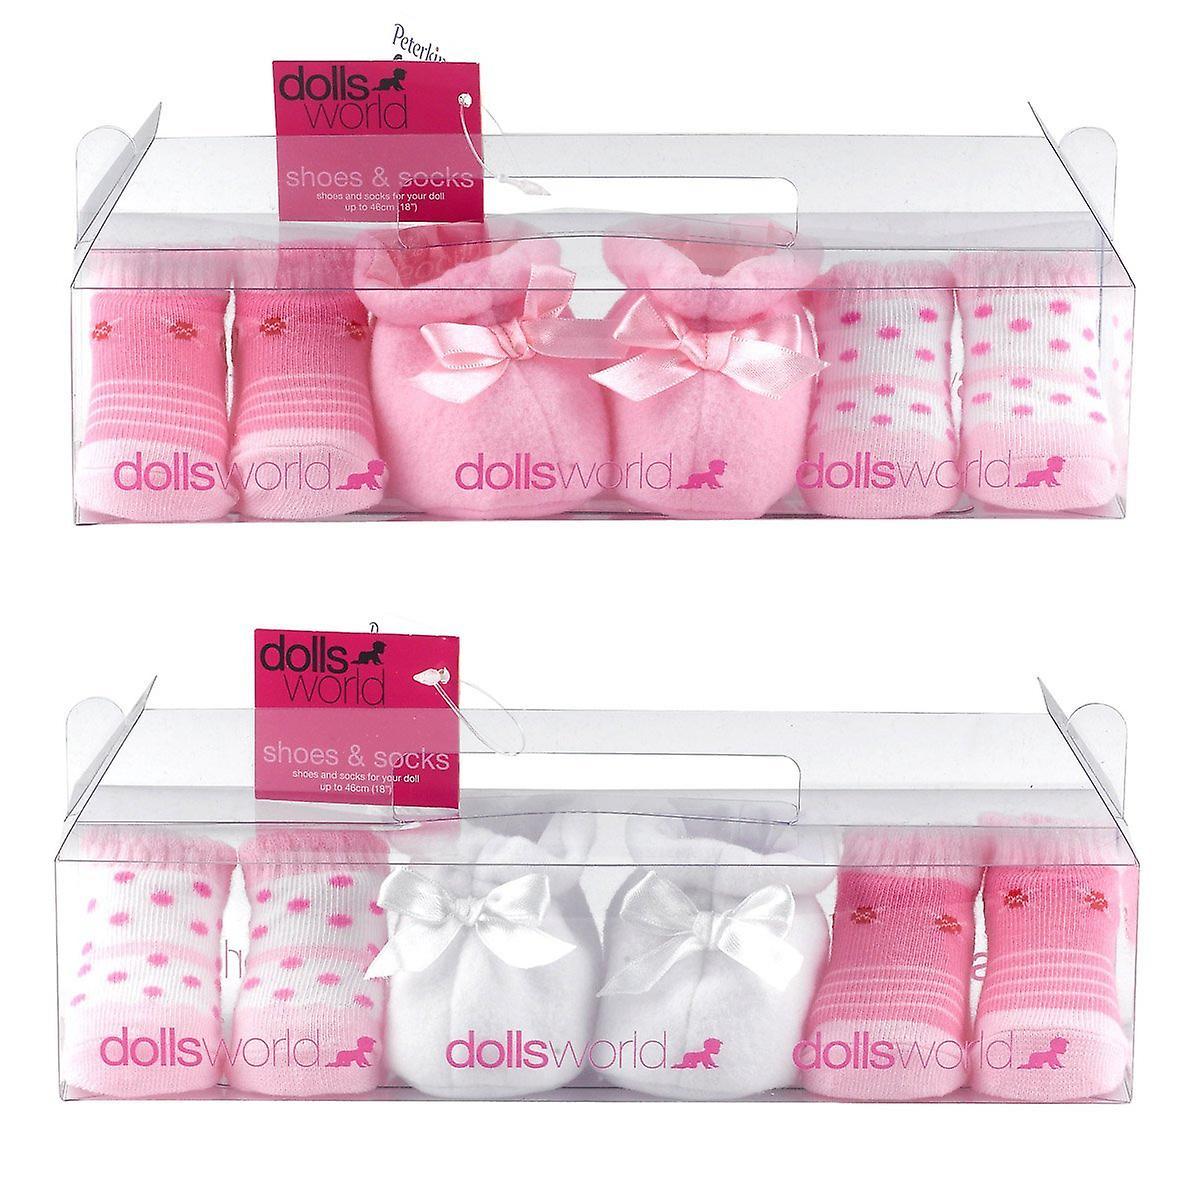 Dollsworld Shoes and Socks Gift Set